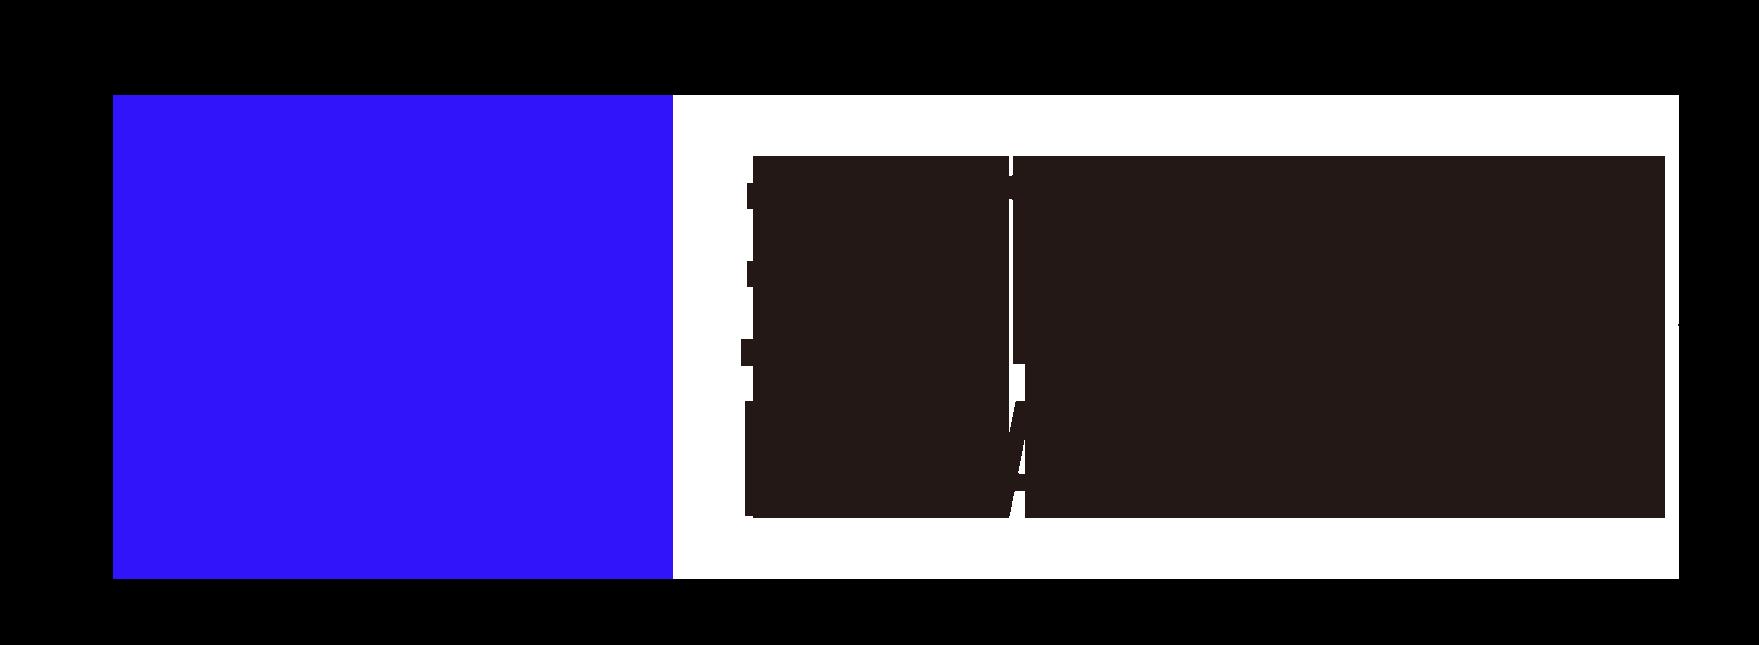 兰格网络科技